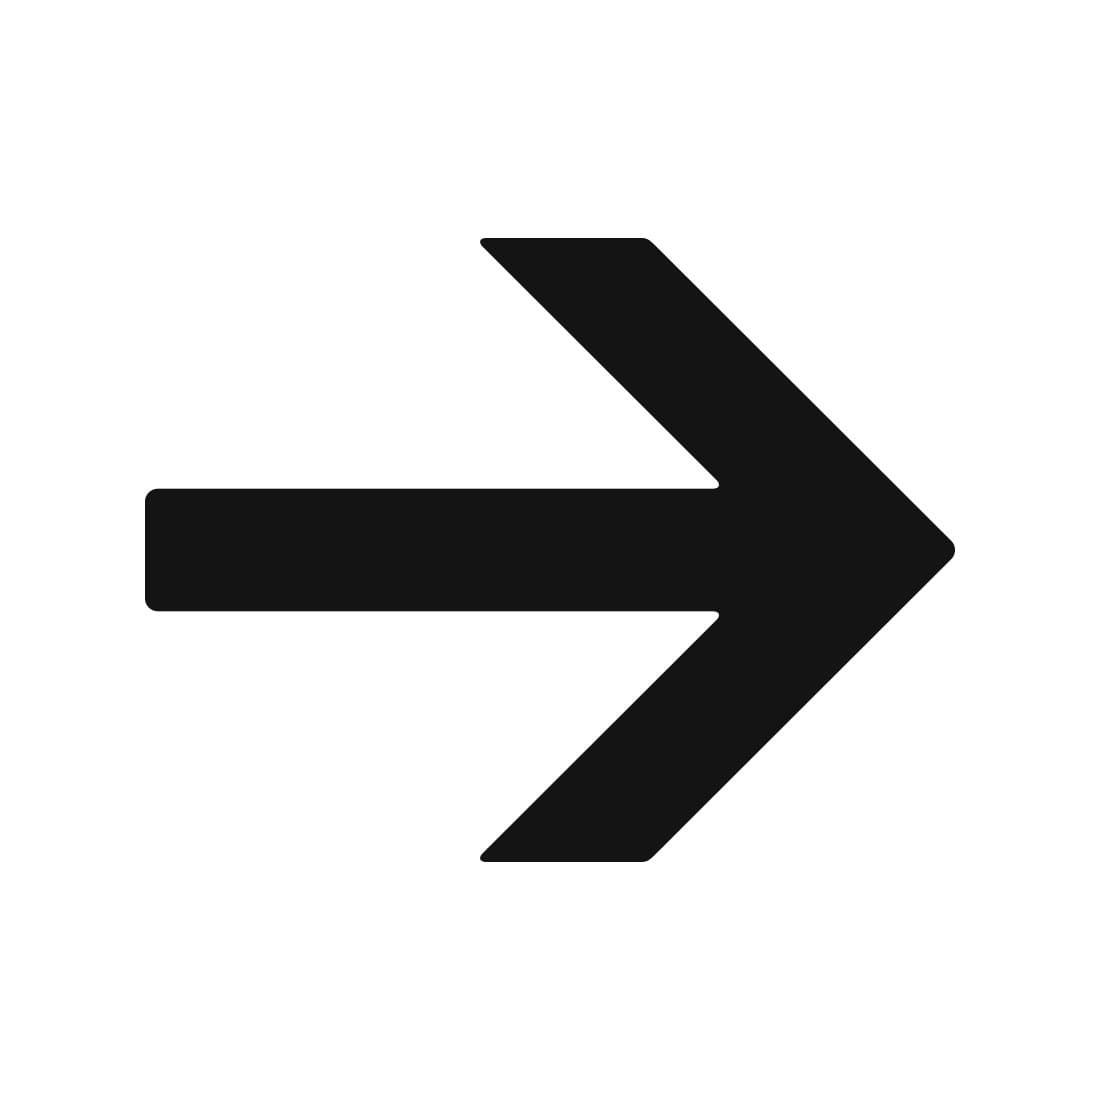 Freccia Adesiva Per Indicazioni E Segnaletica